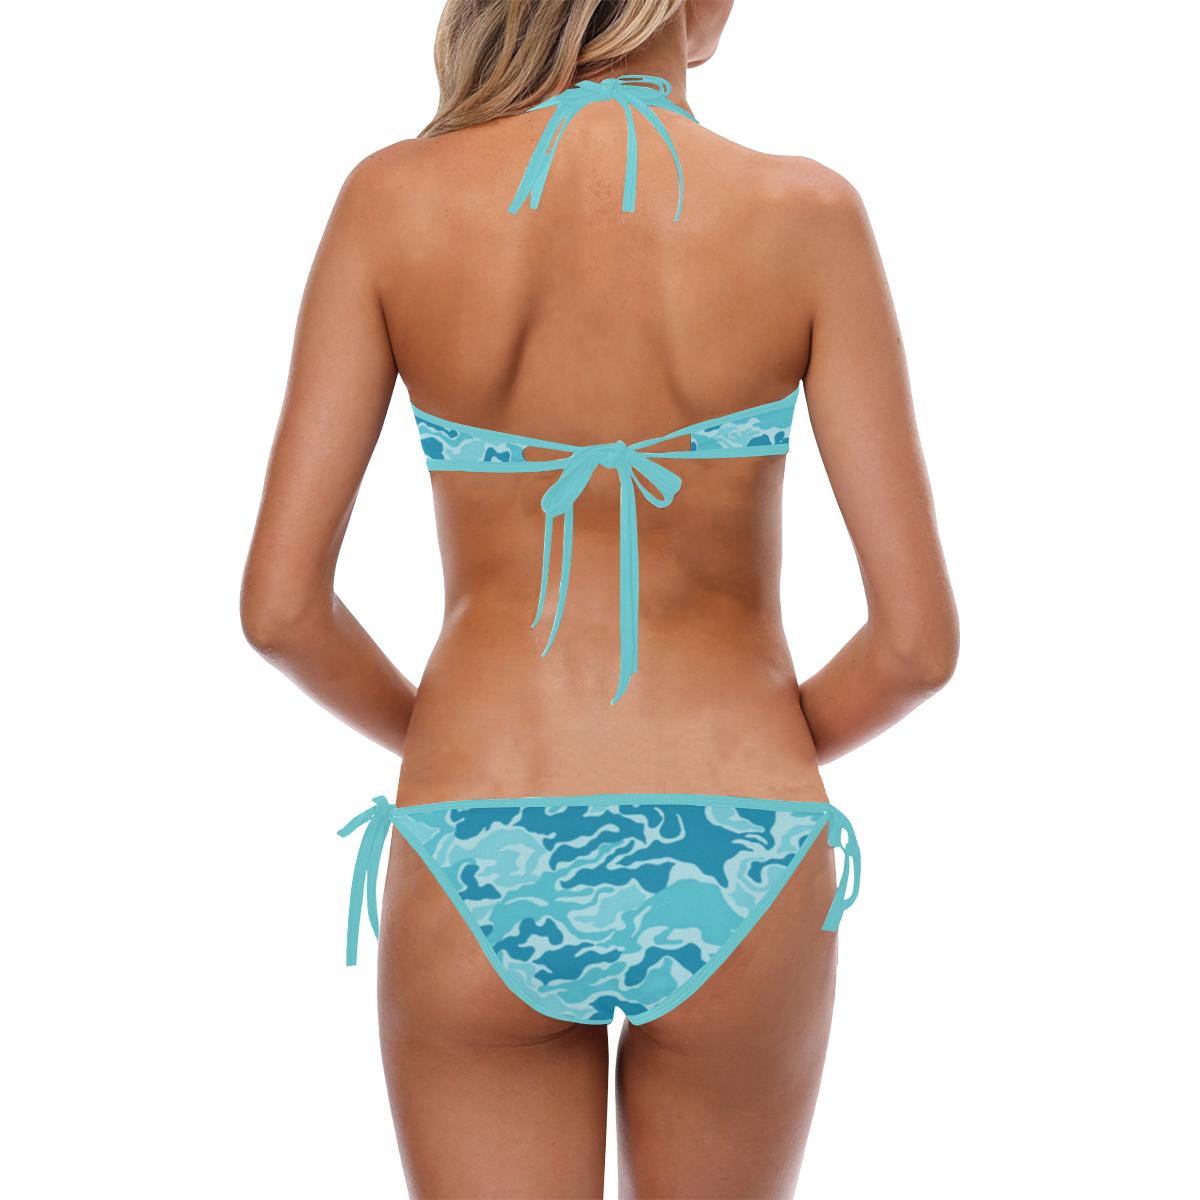 Light Blue Camouflage Pattern Custom Halter & Side Tie Bikini Swimsuit (Model S06)